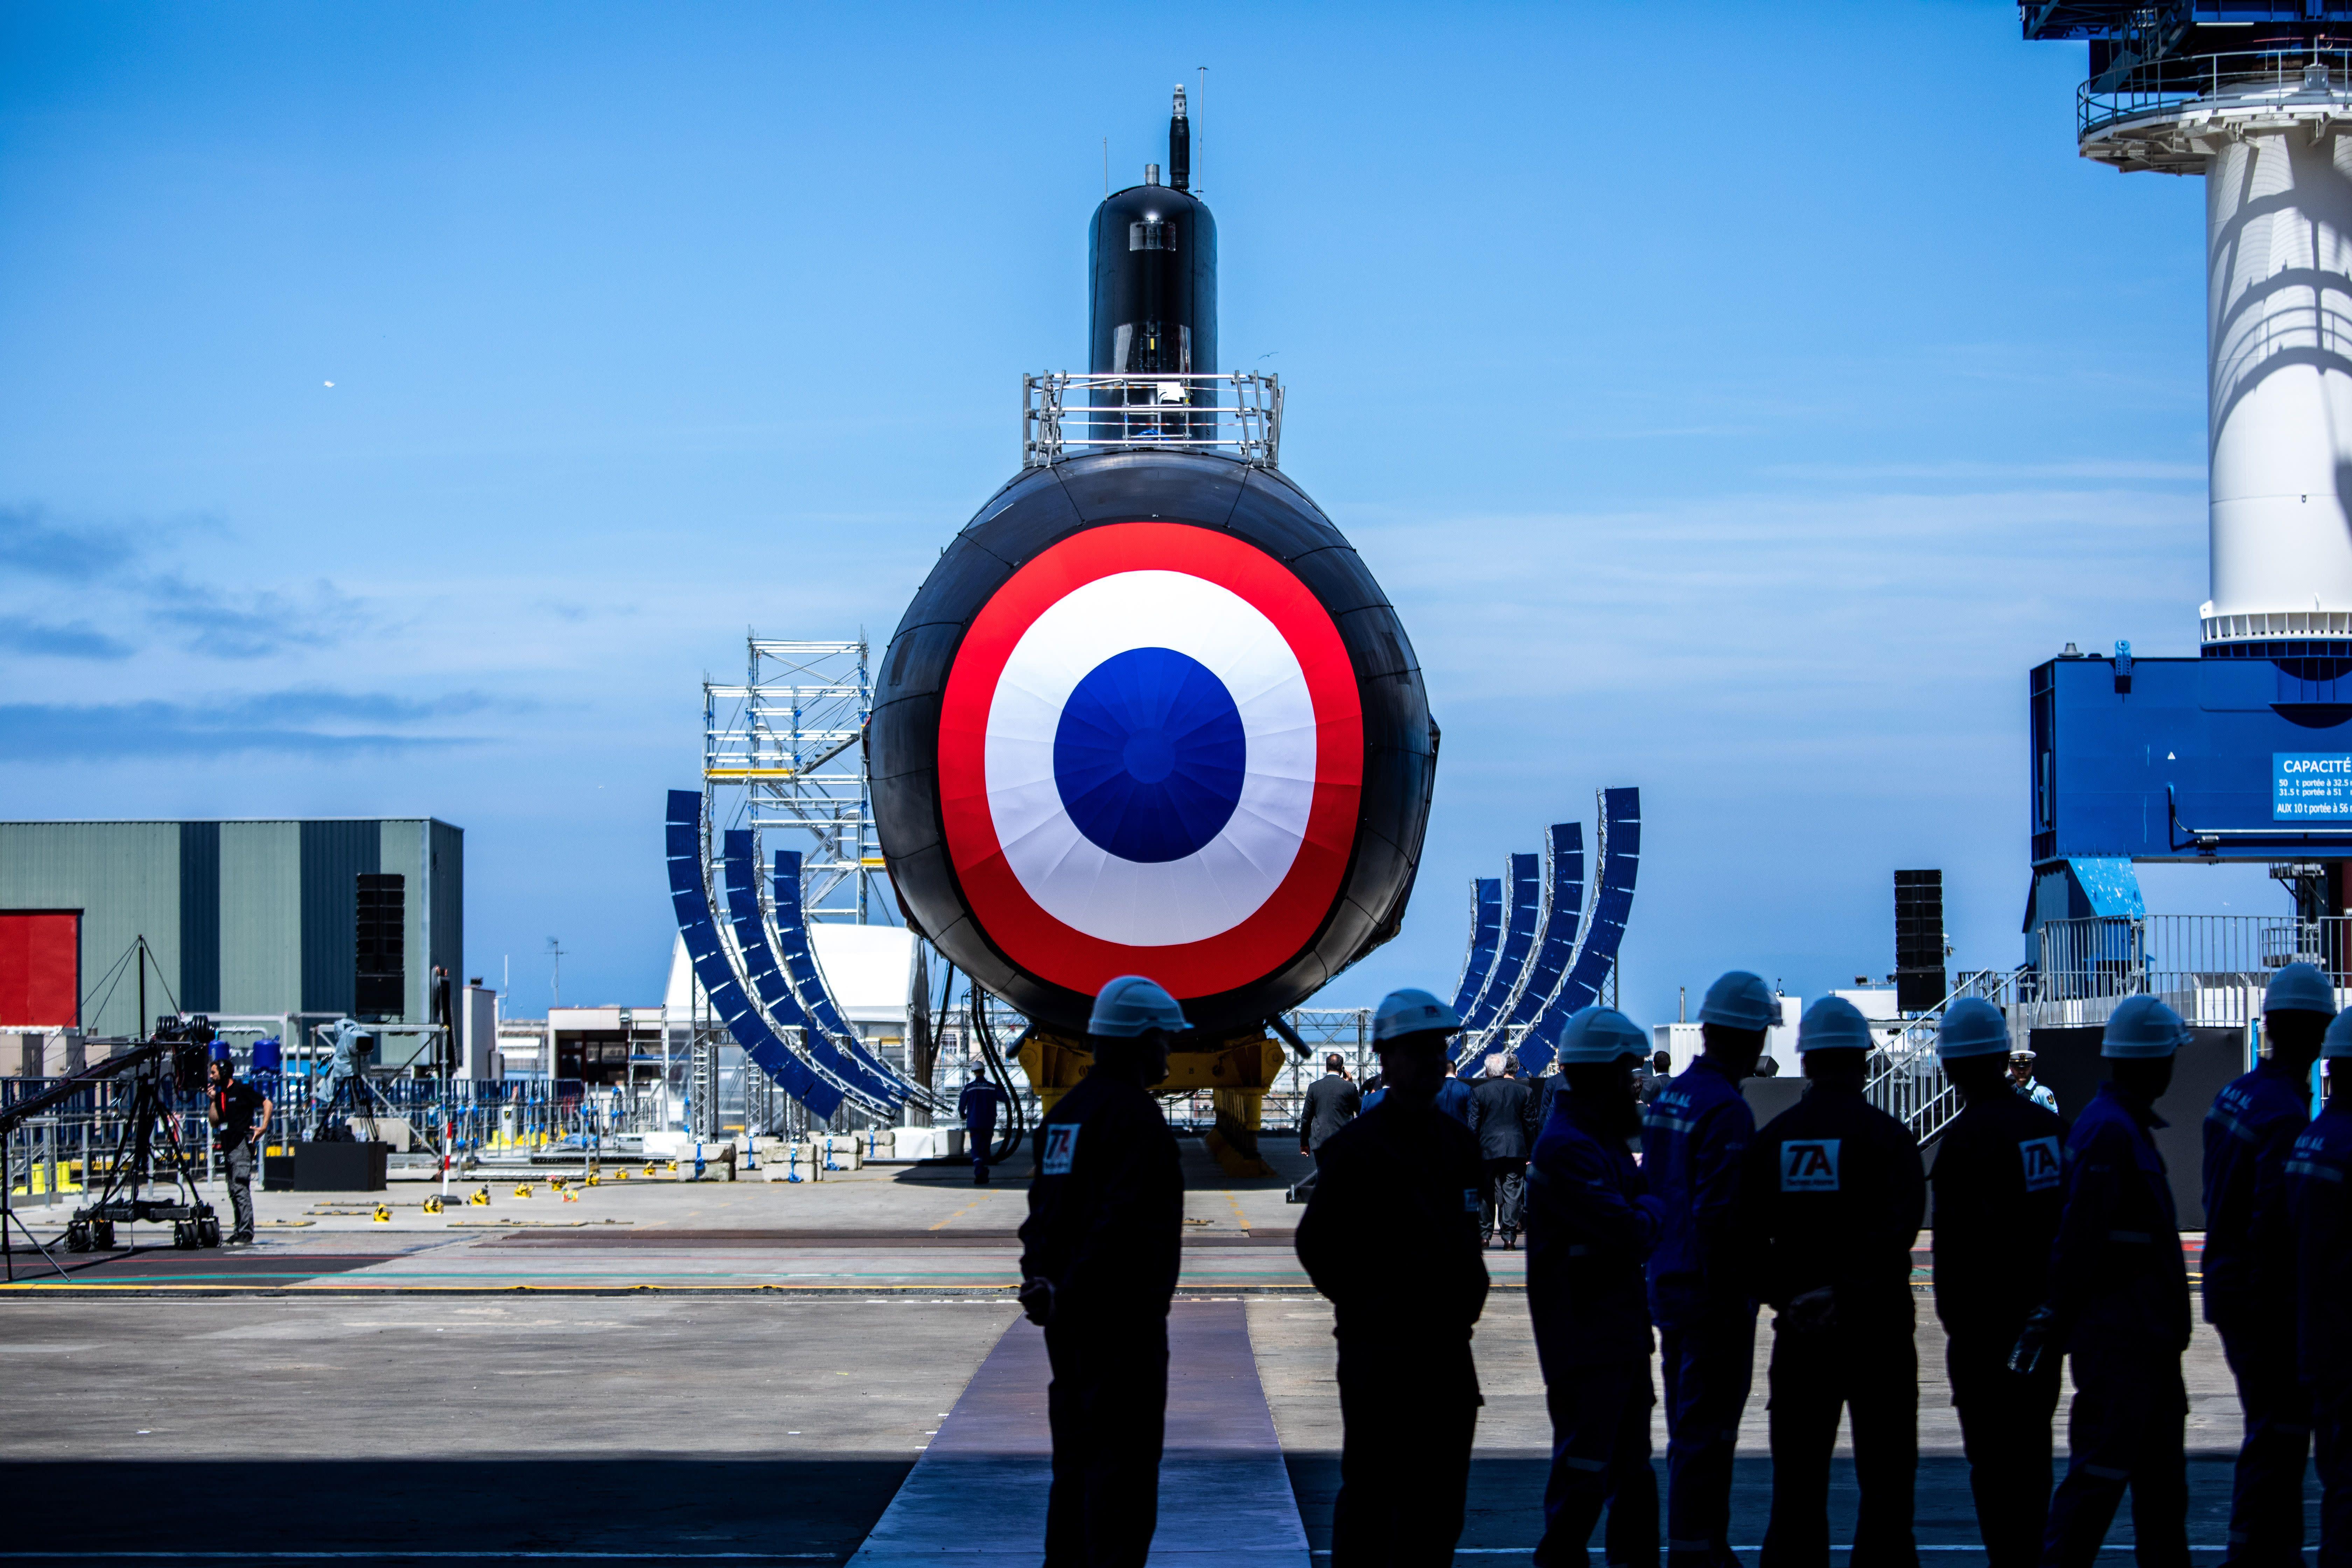 Crise des sous-marins: après le «camouflet», quelles conséquences pour la diplomatie française?